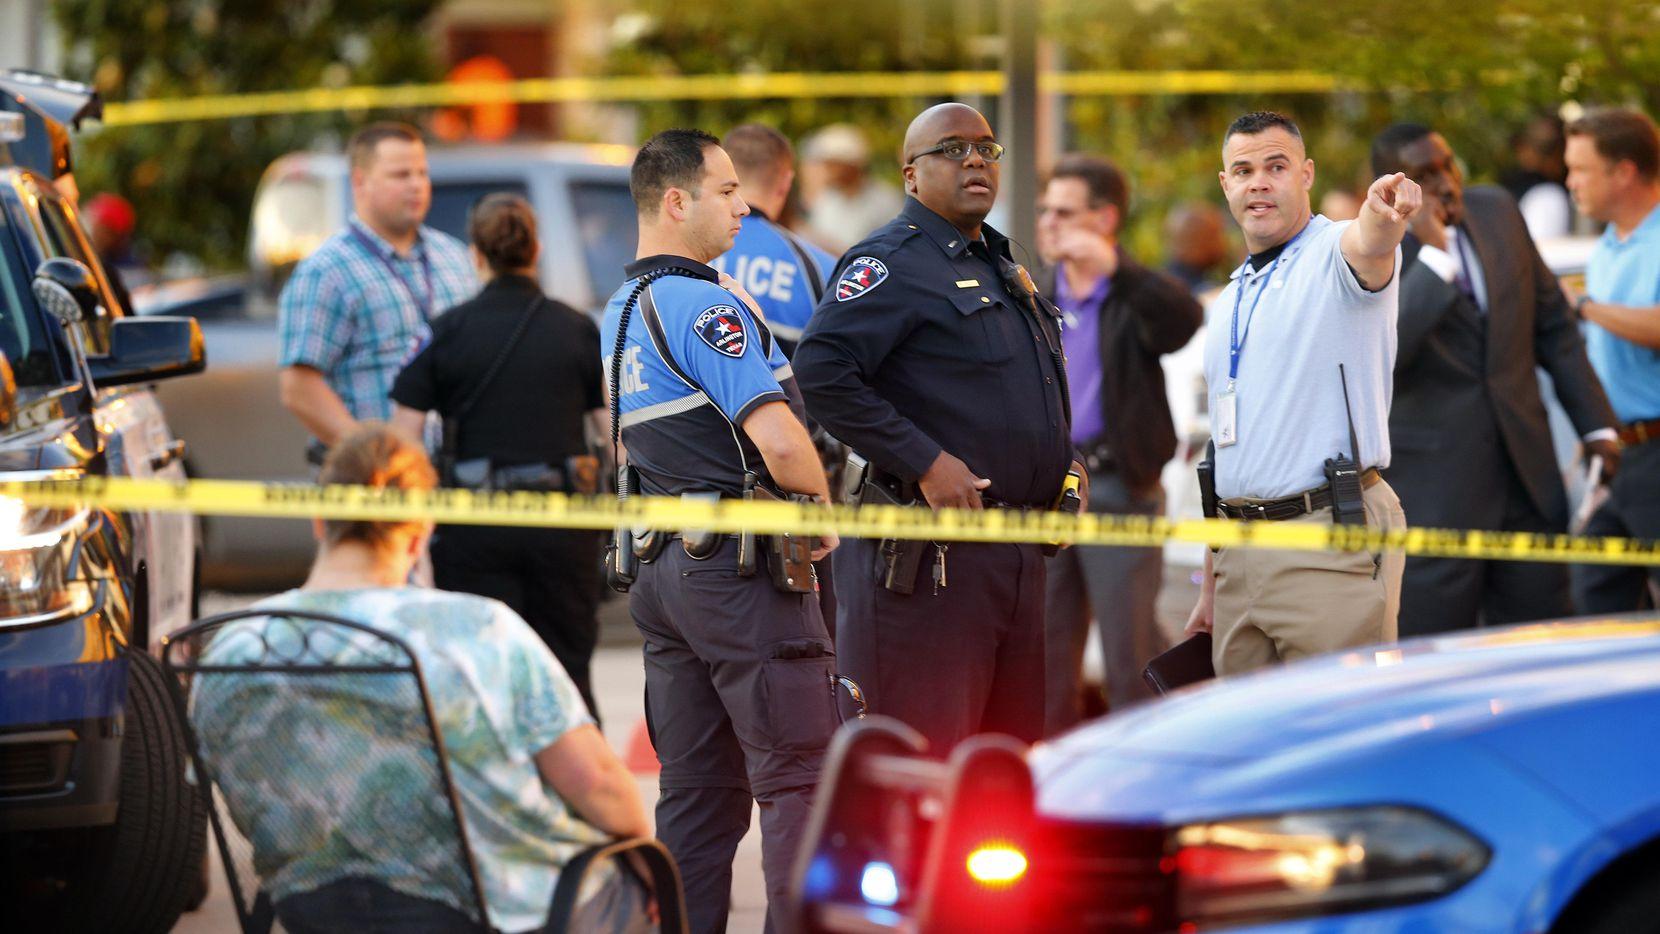 Dos personas murieron en el bar Zona Caliente de Arlington la semana pasada. La policía investiga el incidente como un posible crimen de odio. (DMN/TOM FOX)